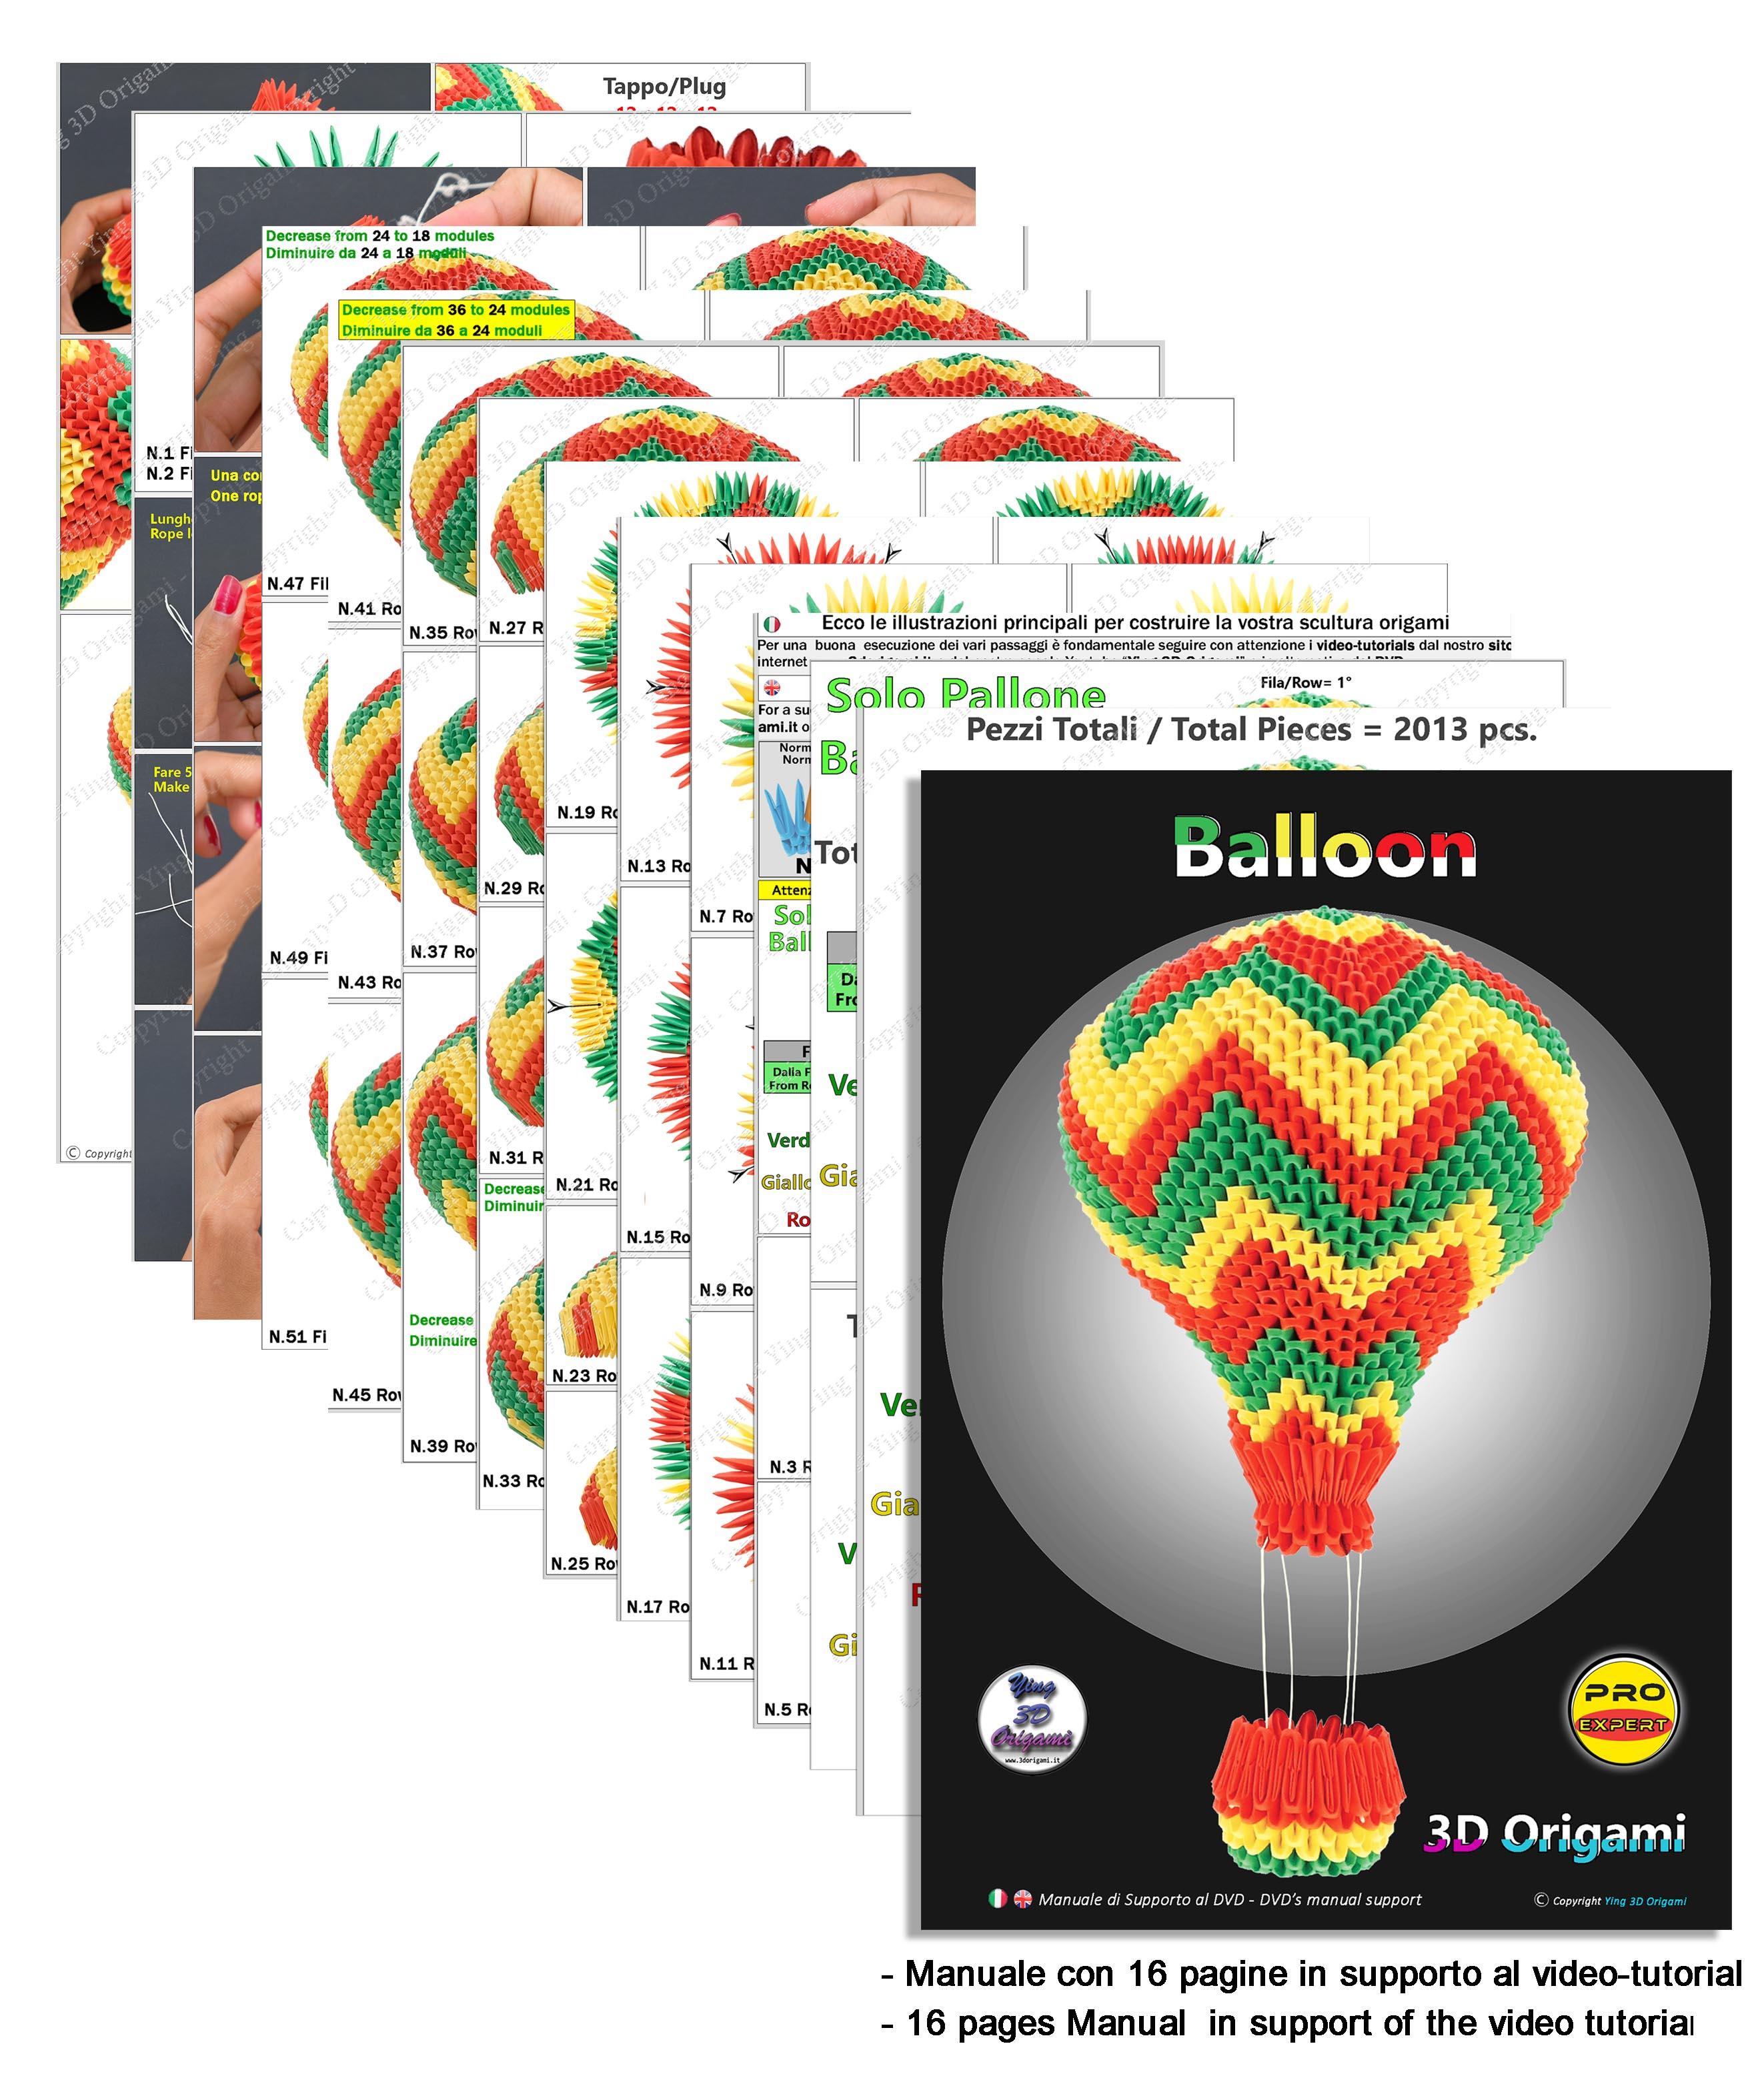 Kit Mongolfiera Kit Balloon – Ying 3D Origami